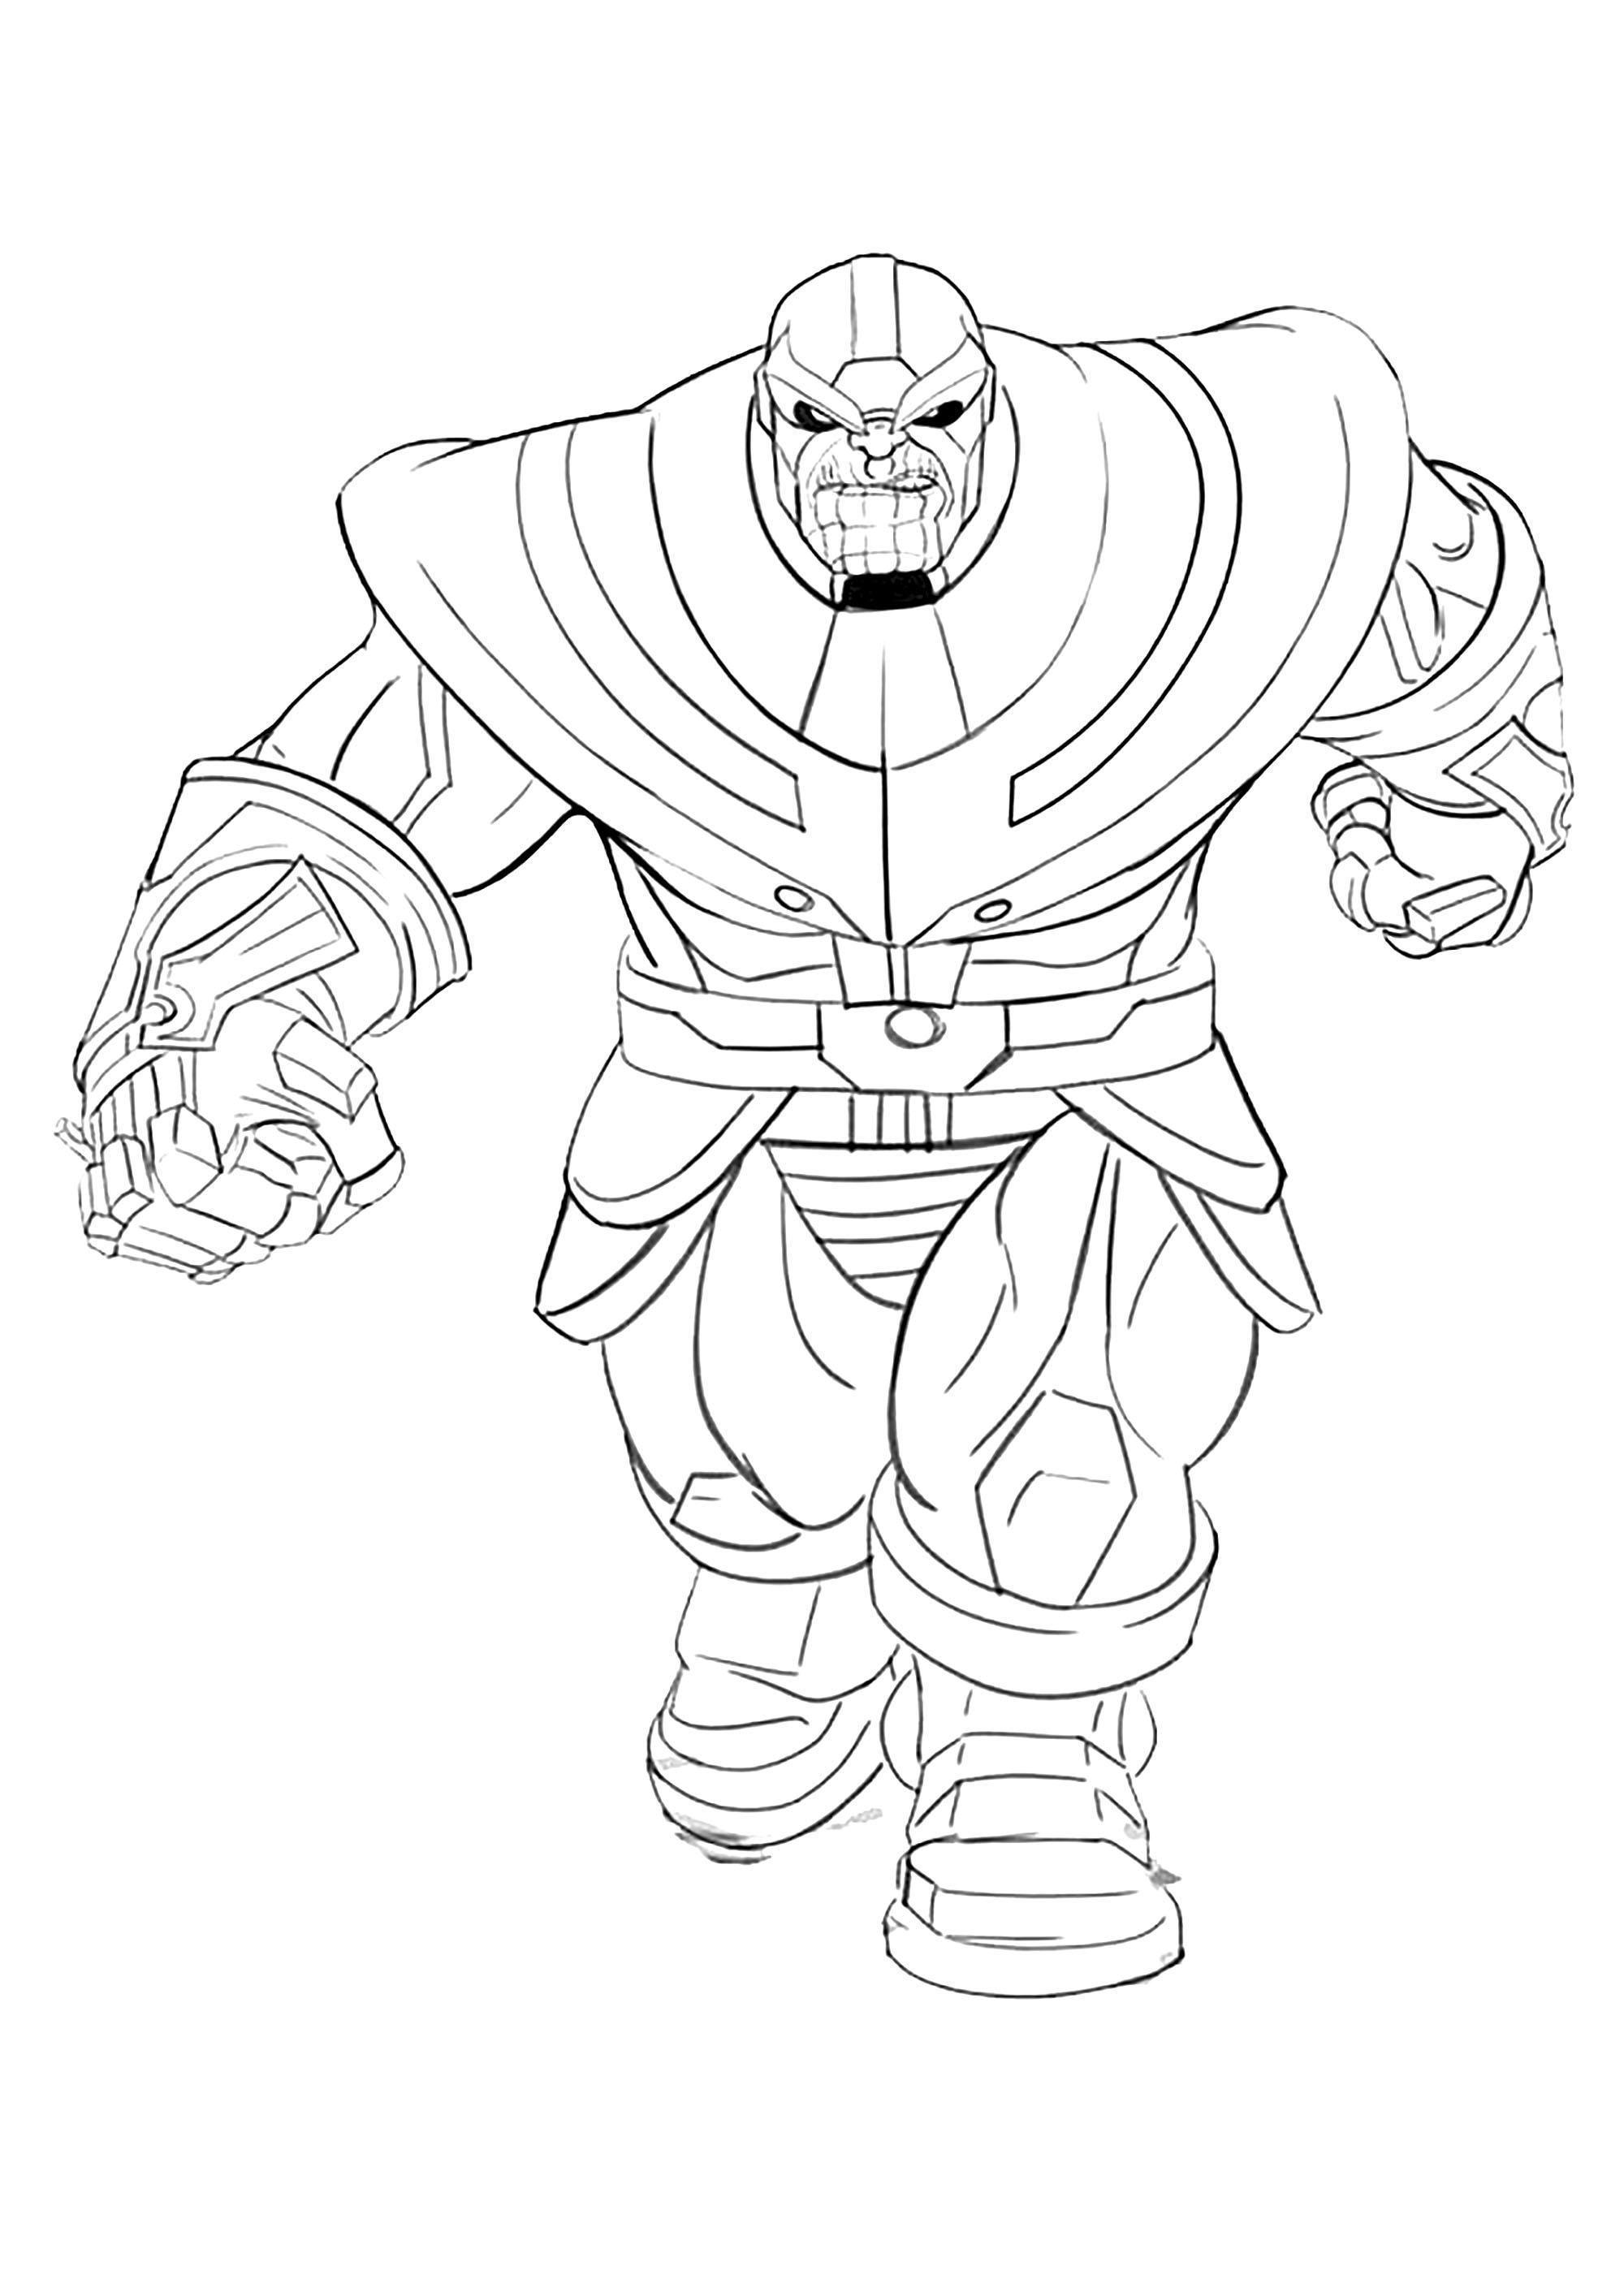 Peu de détails à colorier, les plus petits pourront d'amuser avec ce coloriage du méchant Thanos !